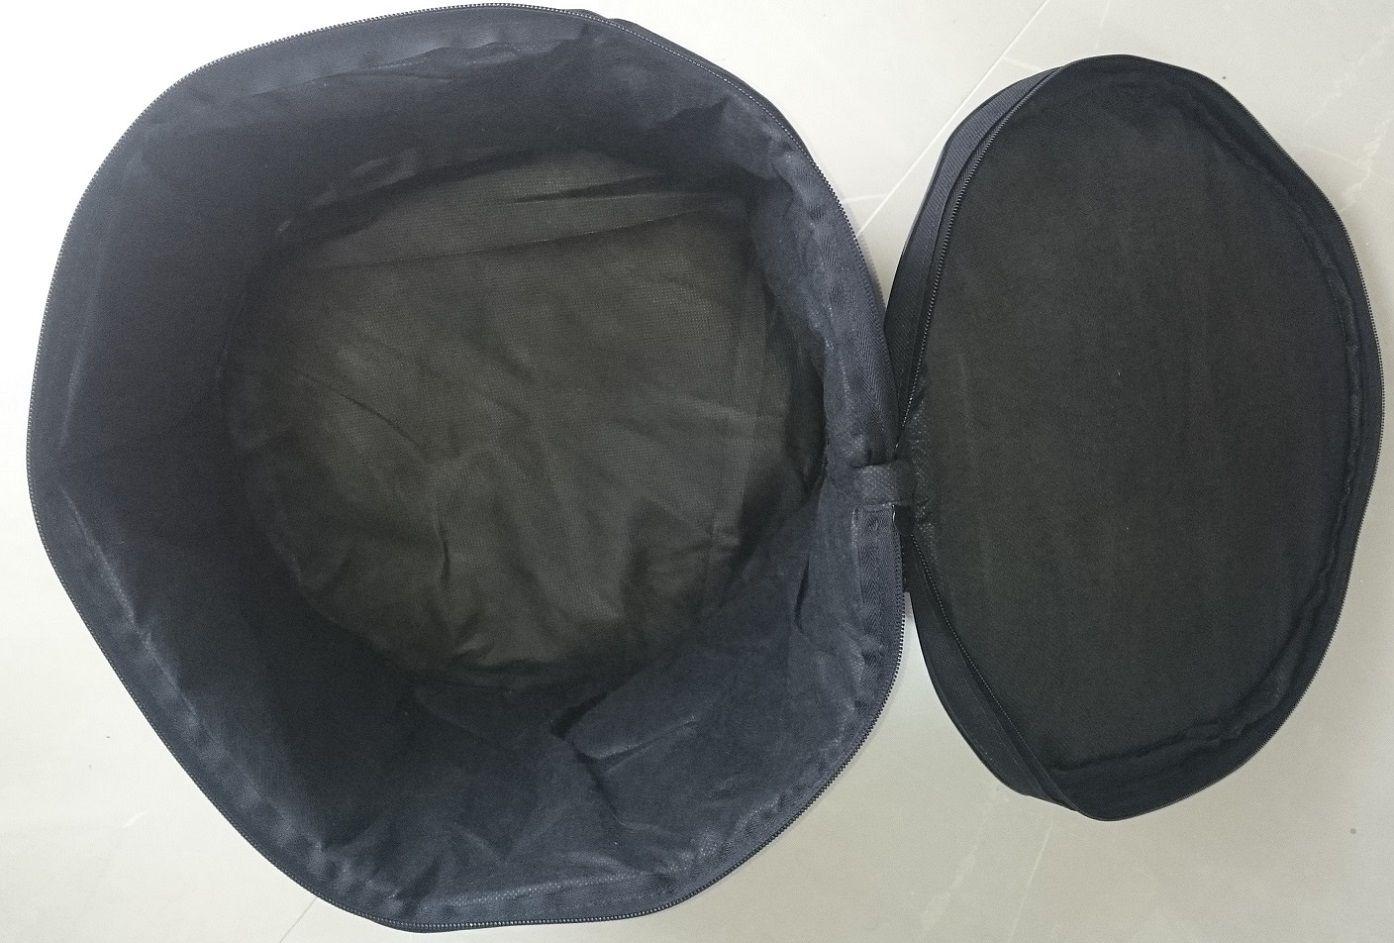 Jogo de Bag Extra-Luxo para Bateria com 6 Pçs 10 12 13 16 22 PF  - ROOSTERMUSIC